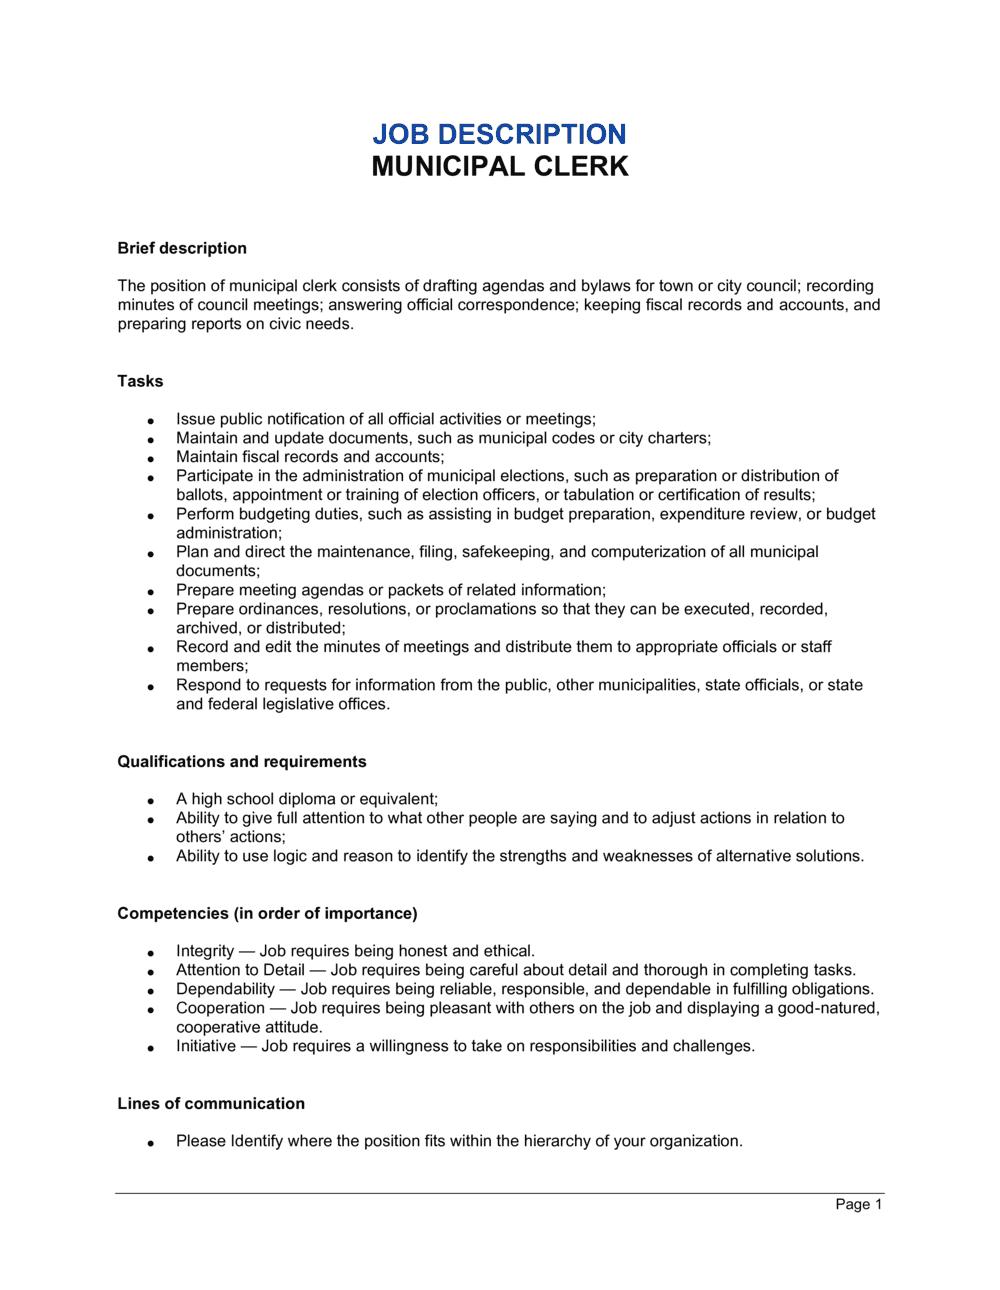 Business-in-a-Box's Municipal Clerk Job Description Template